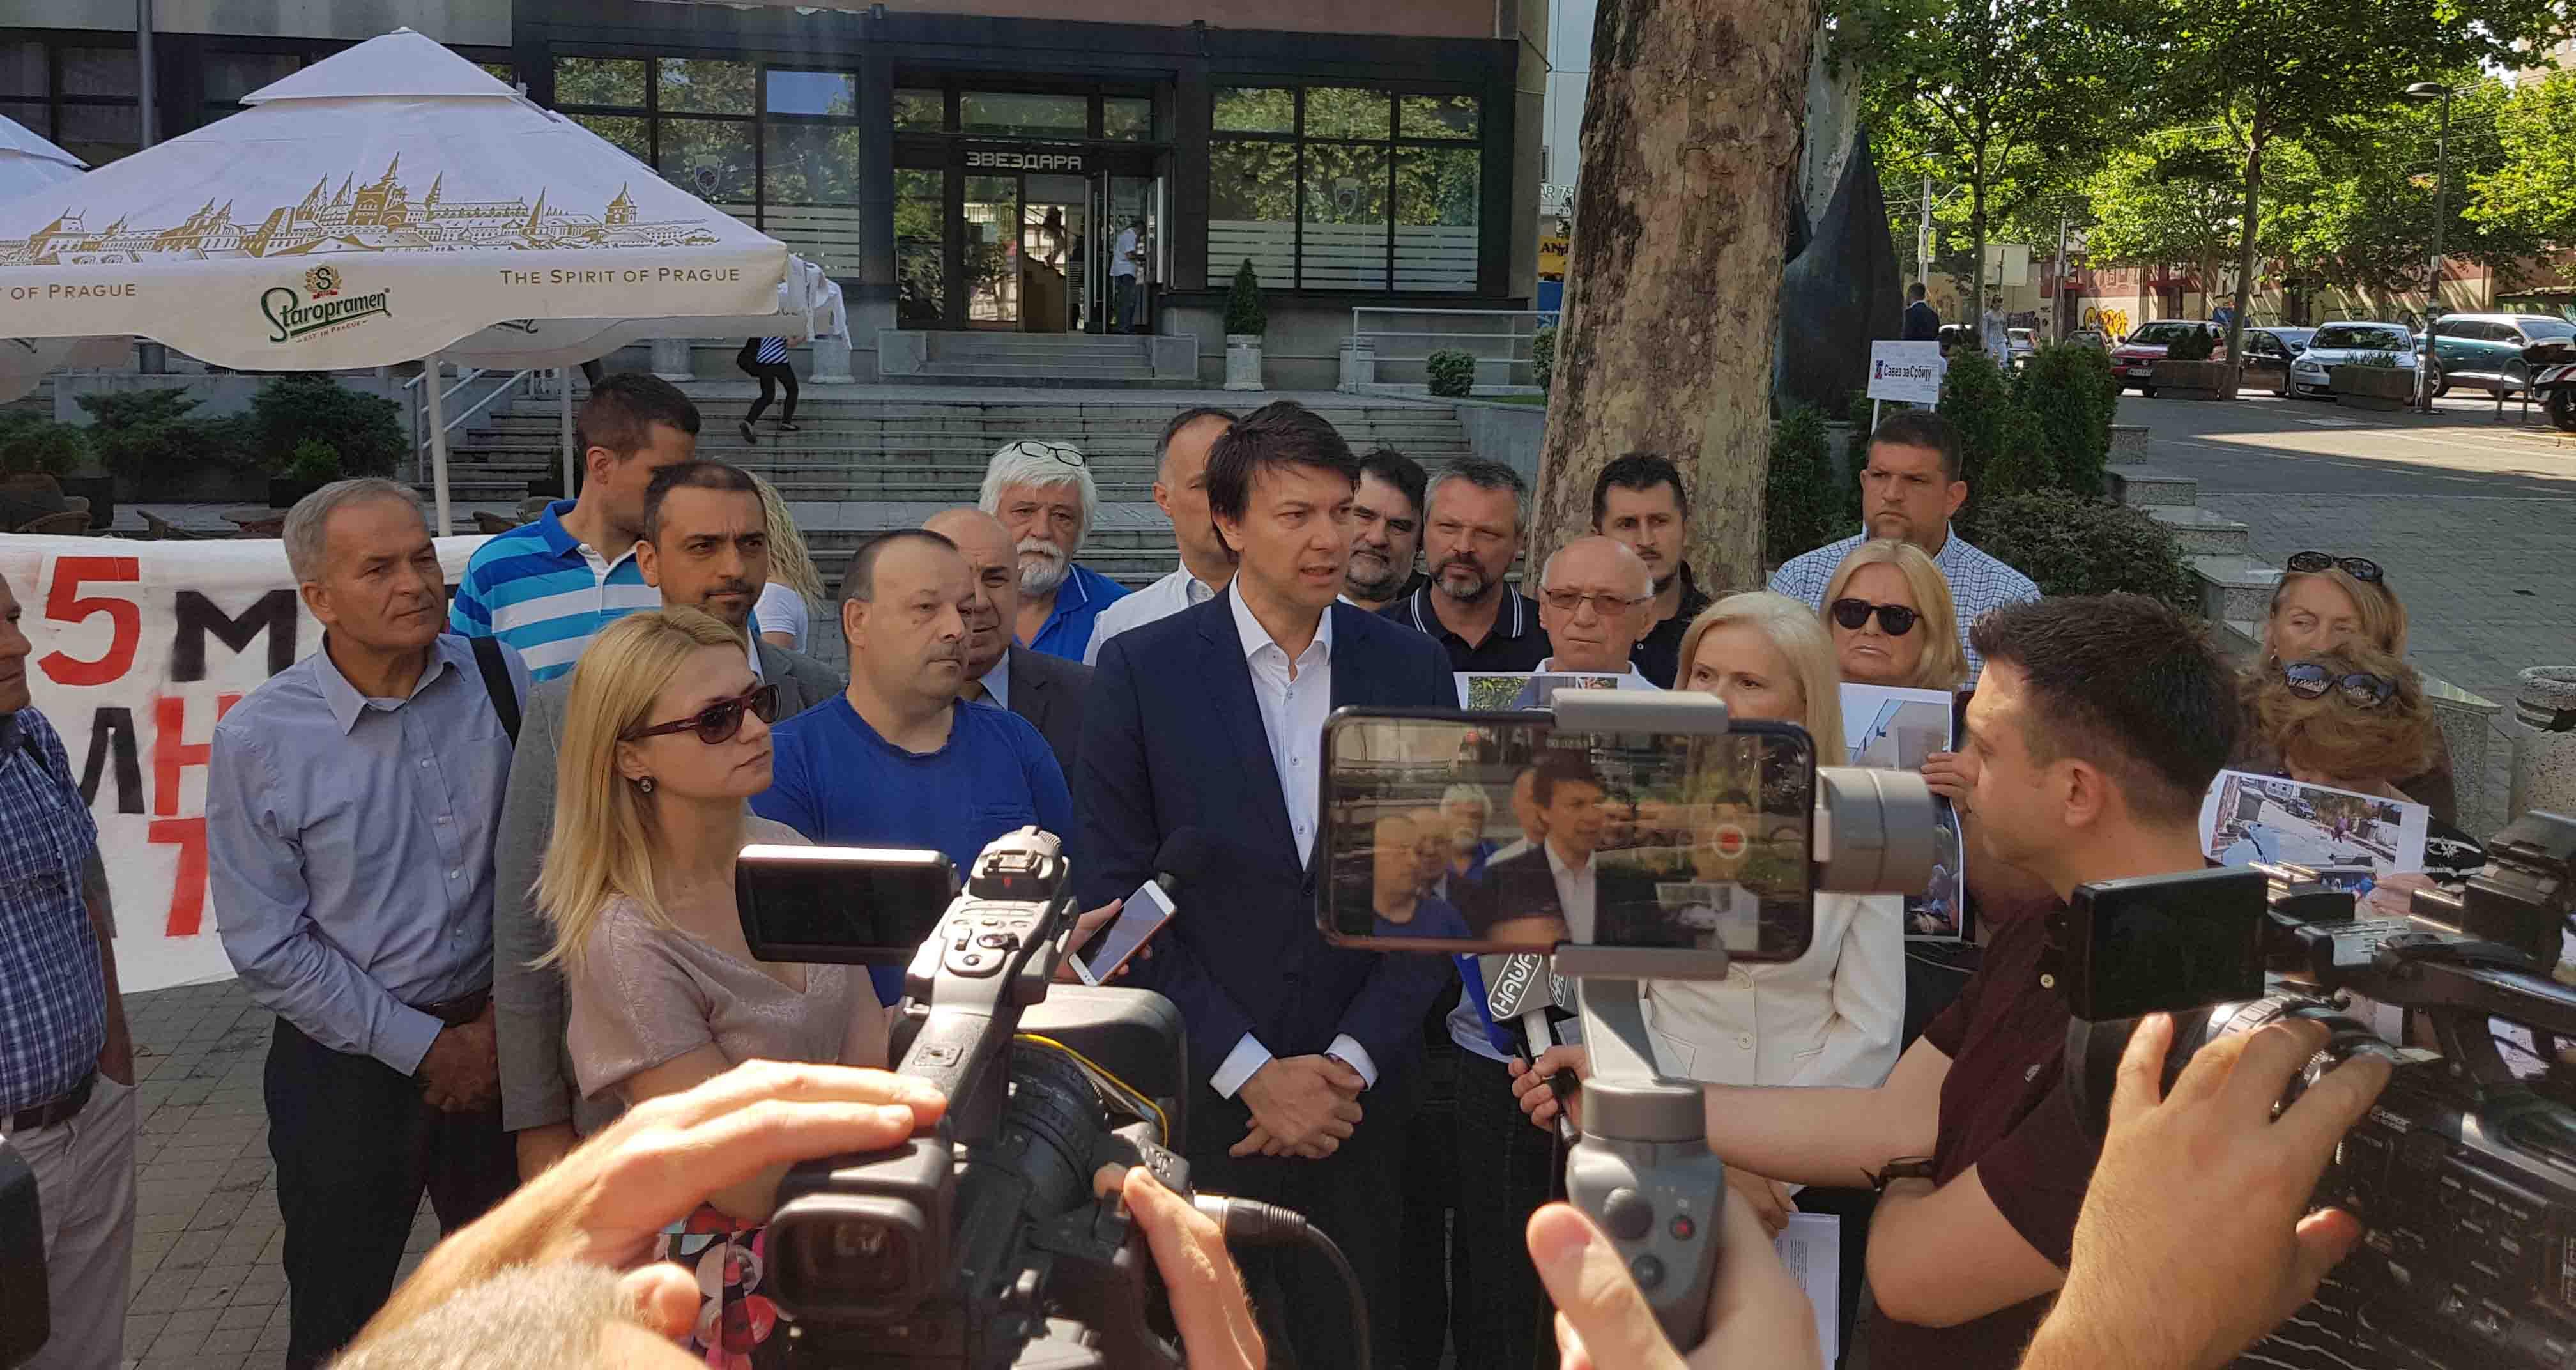 Јовановић: Градска власт лажно приказала 67 милиона евра као приход у буџету